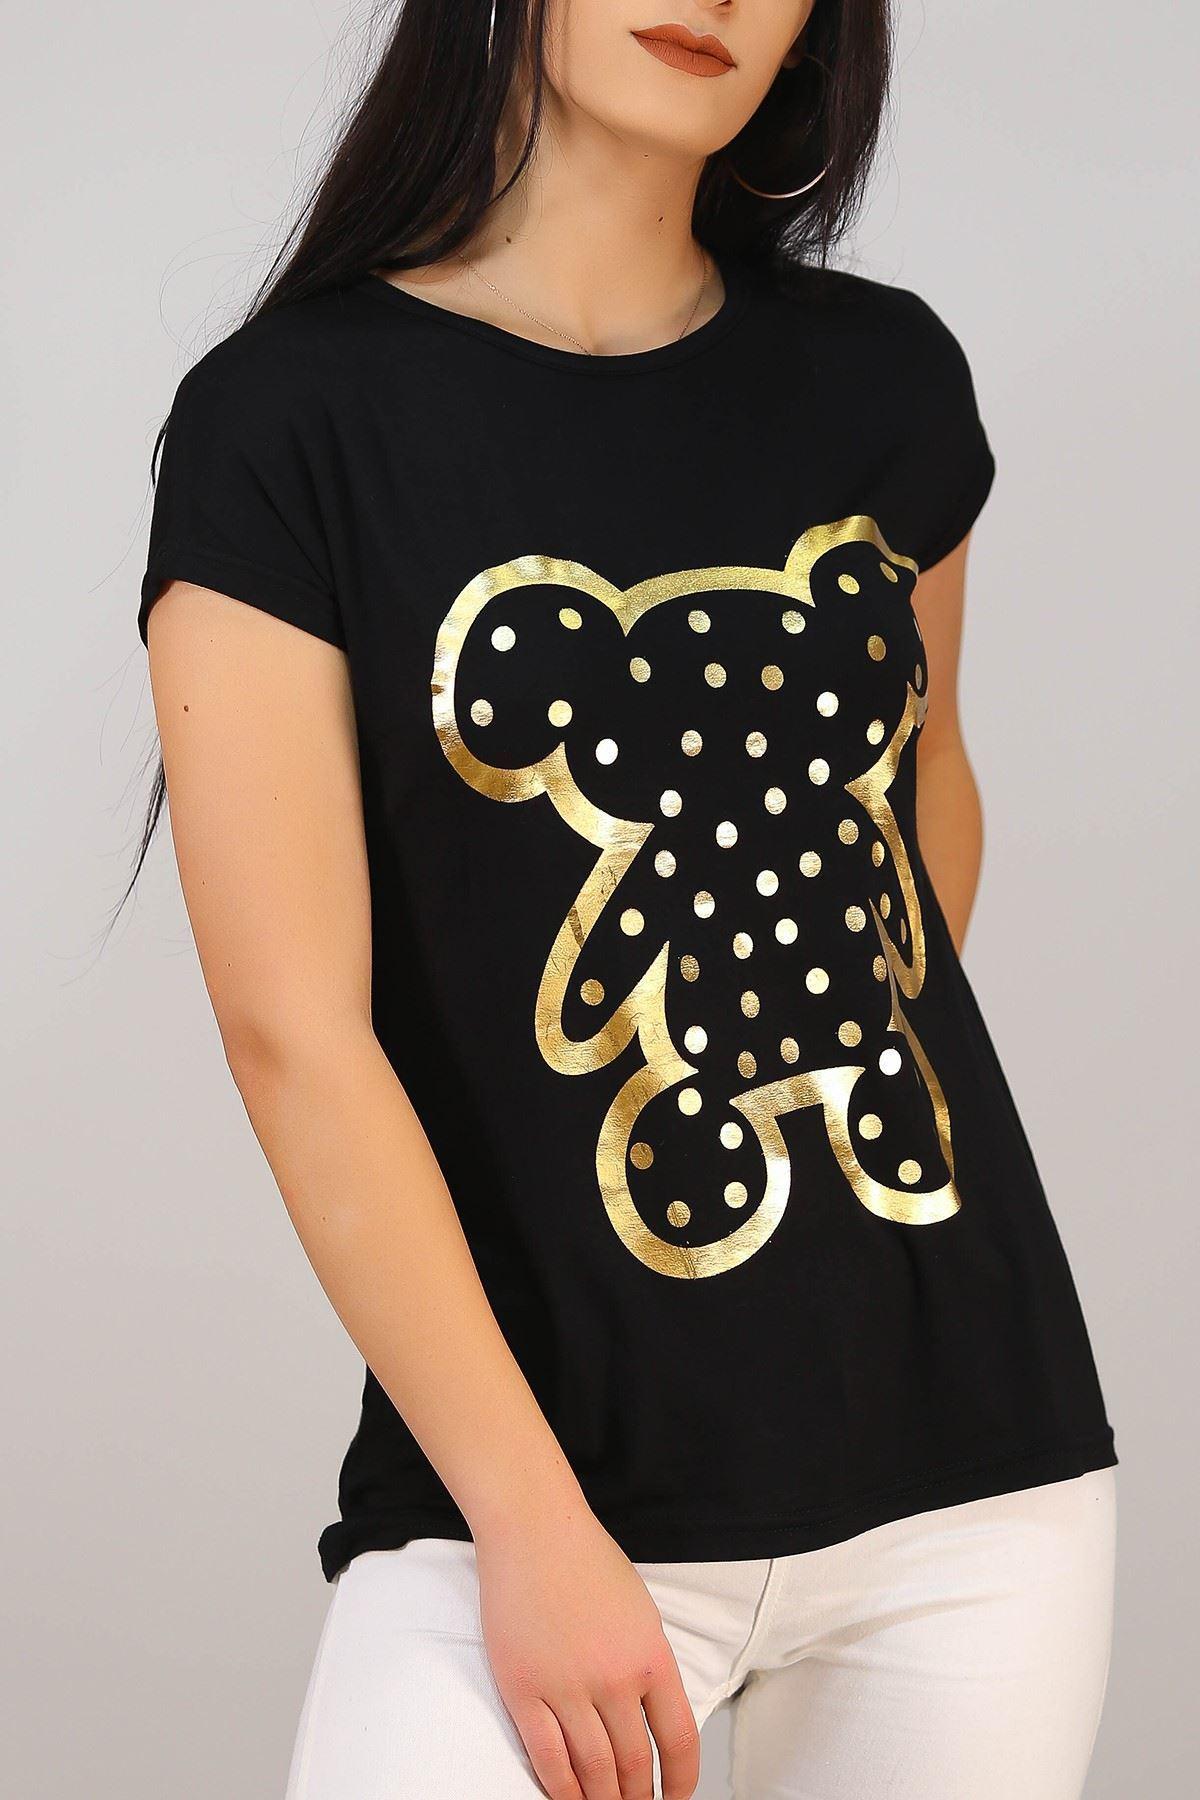 Koala Baskılı Tişört Siyah - 5046.139.